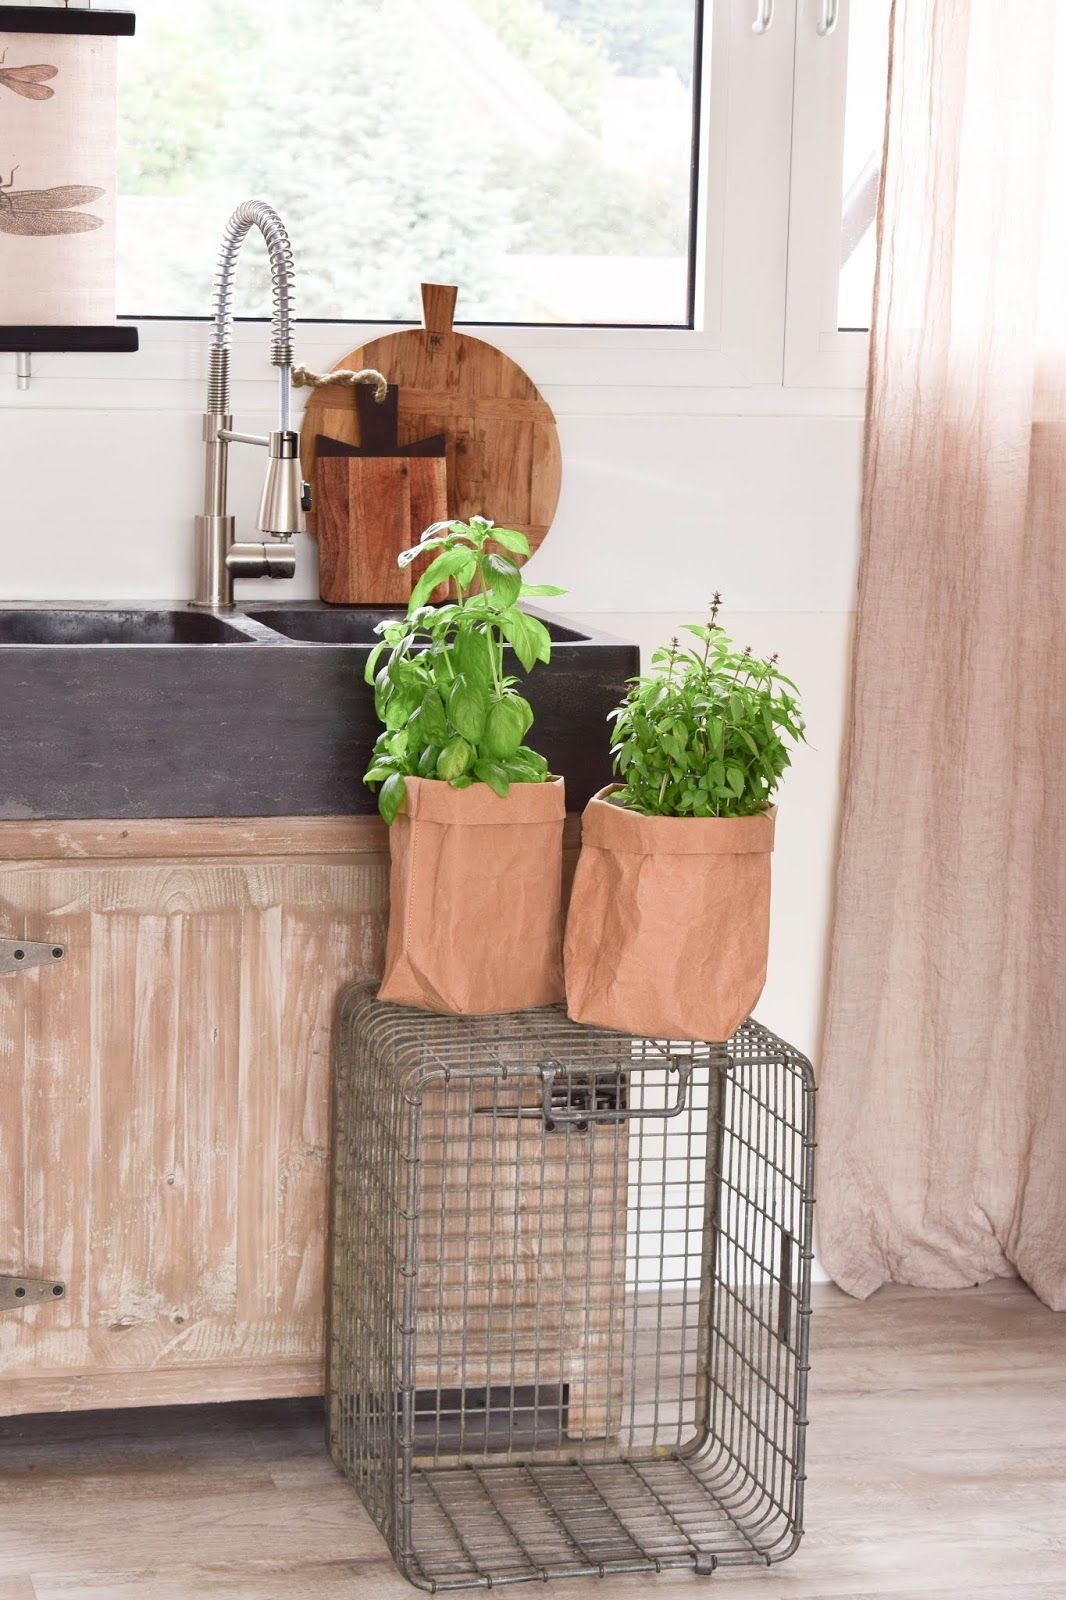 Kräutertopf für Küche: die bessere Idee: Kräuter in